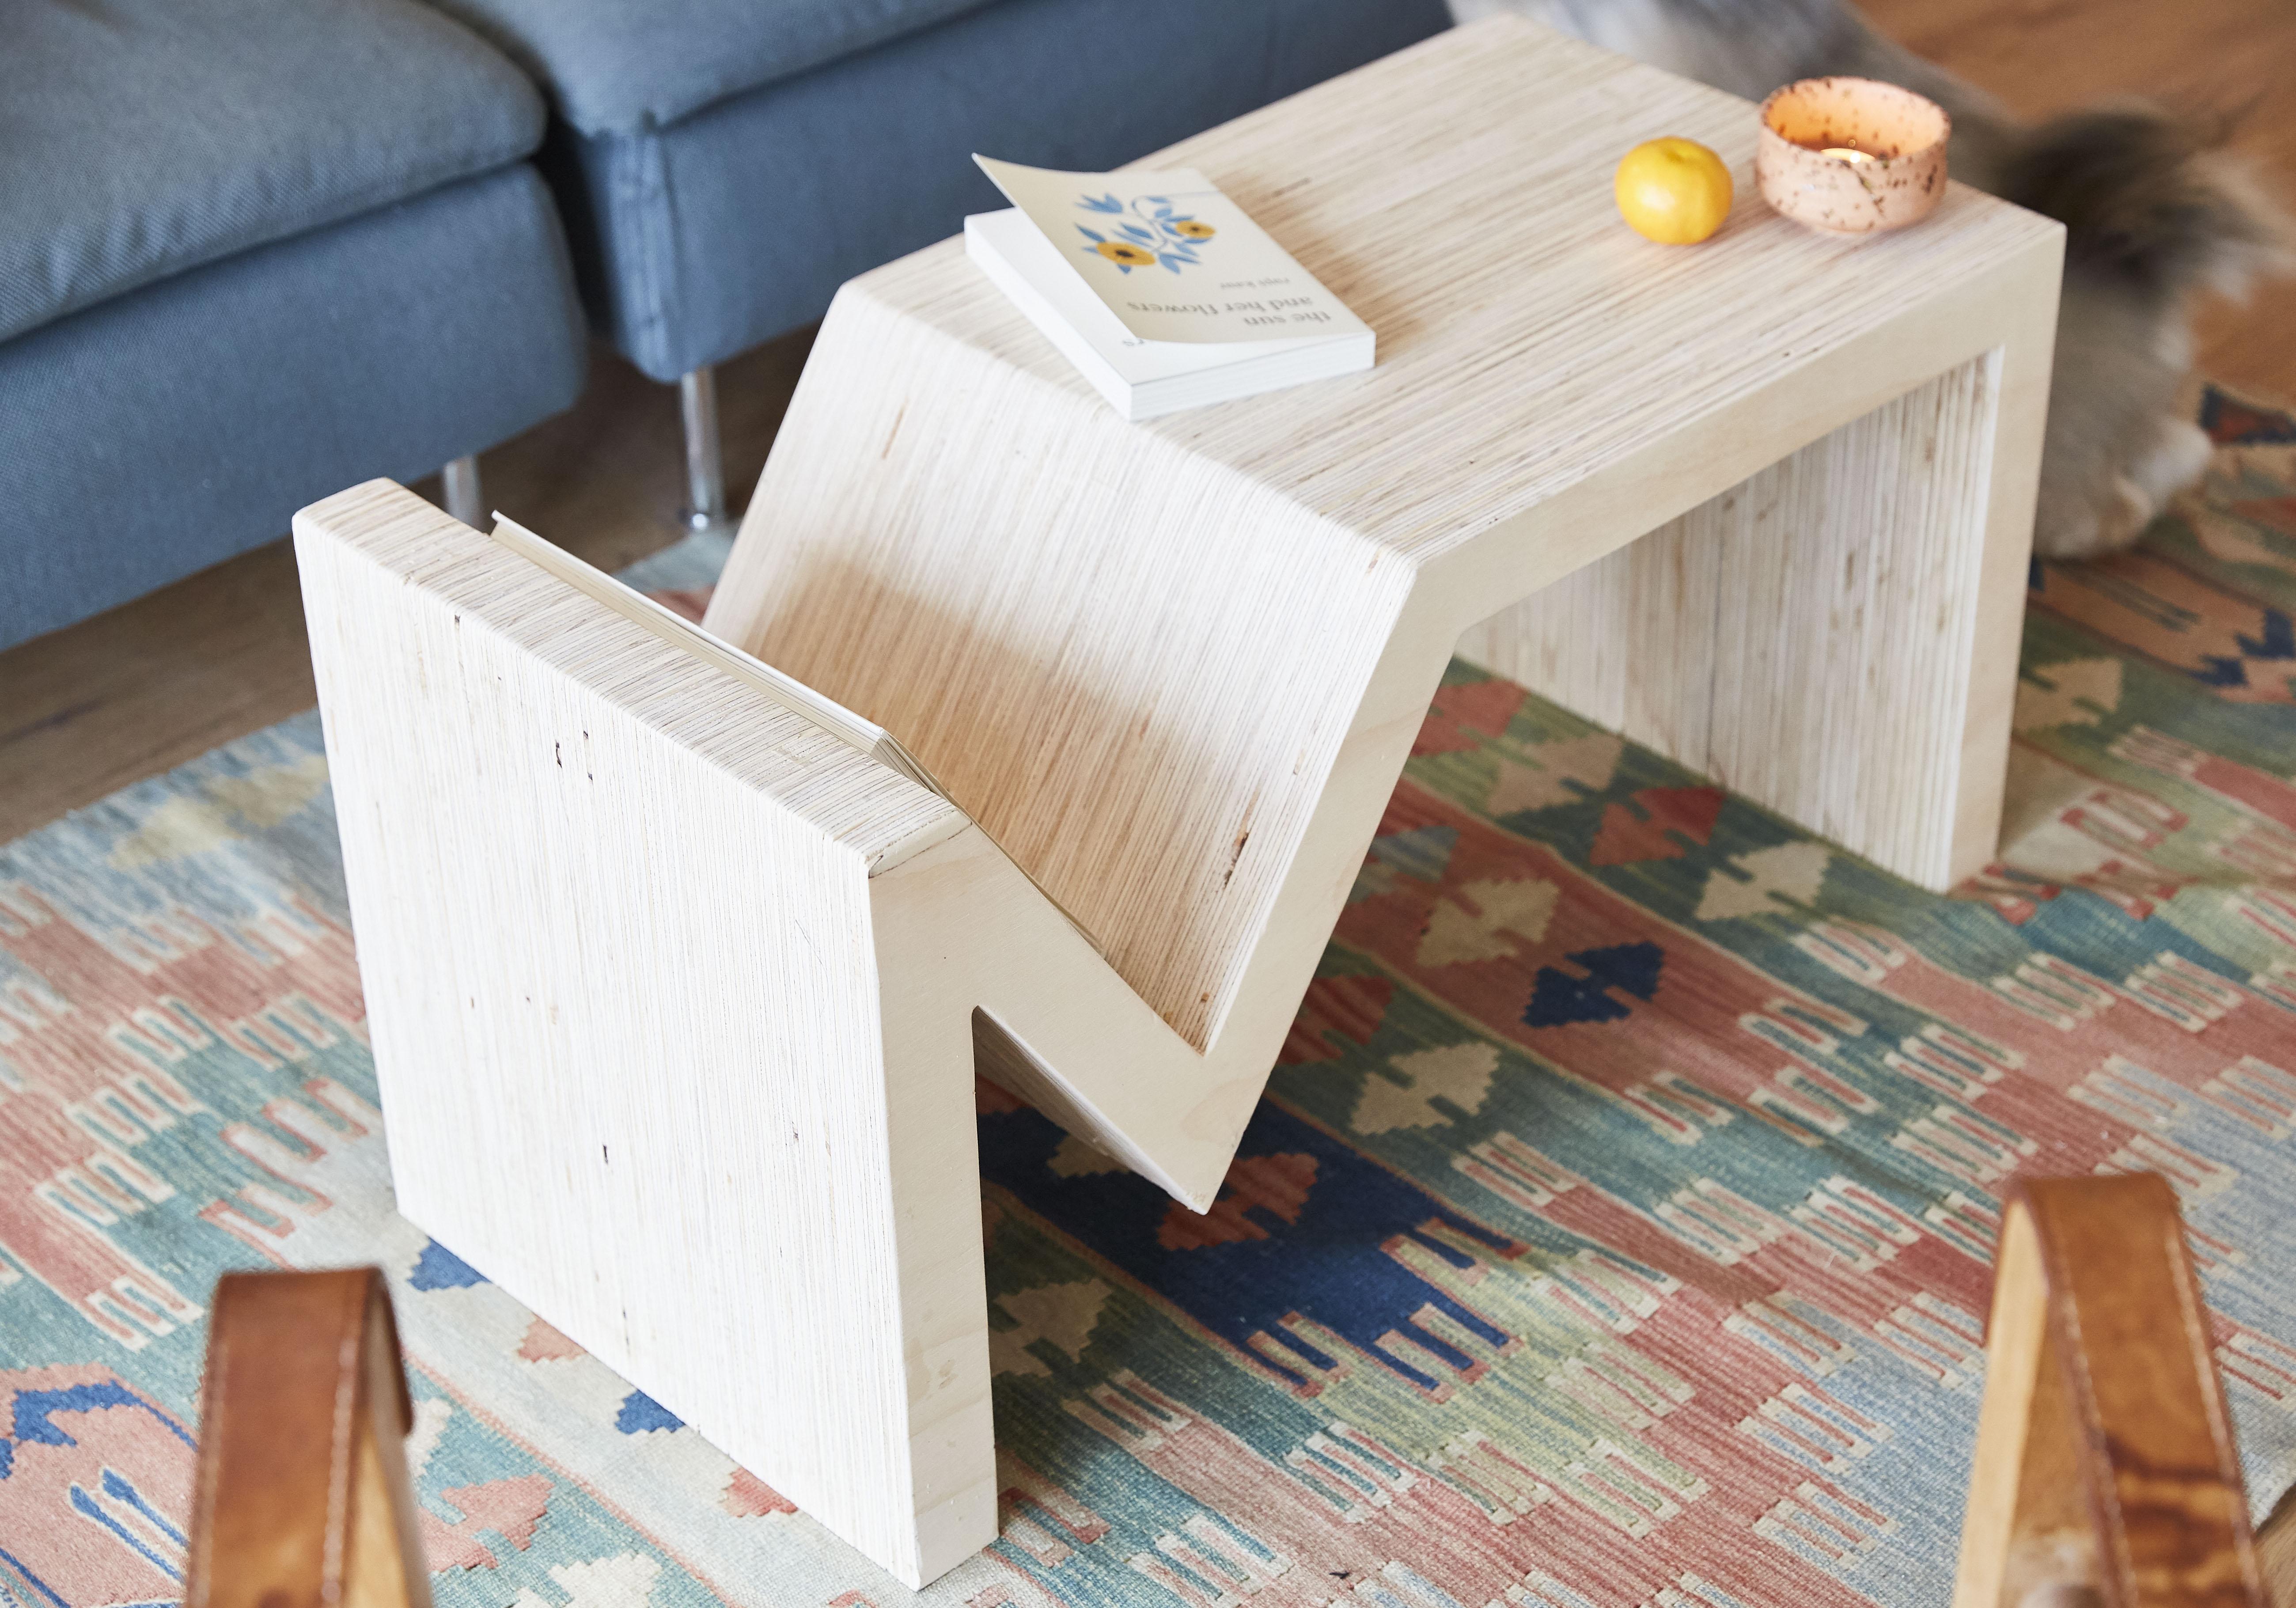 Sofabord med boghylde